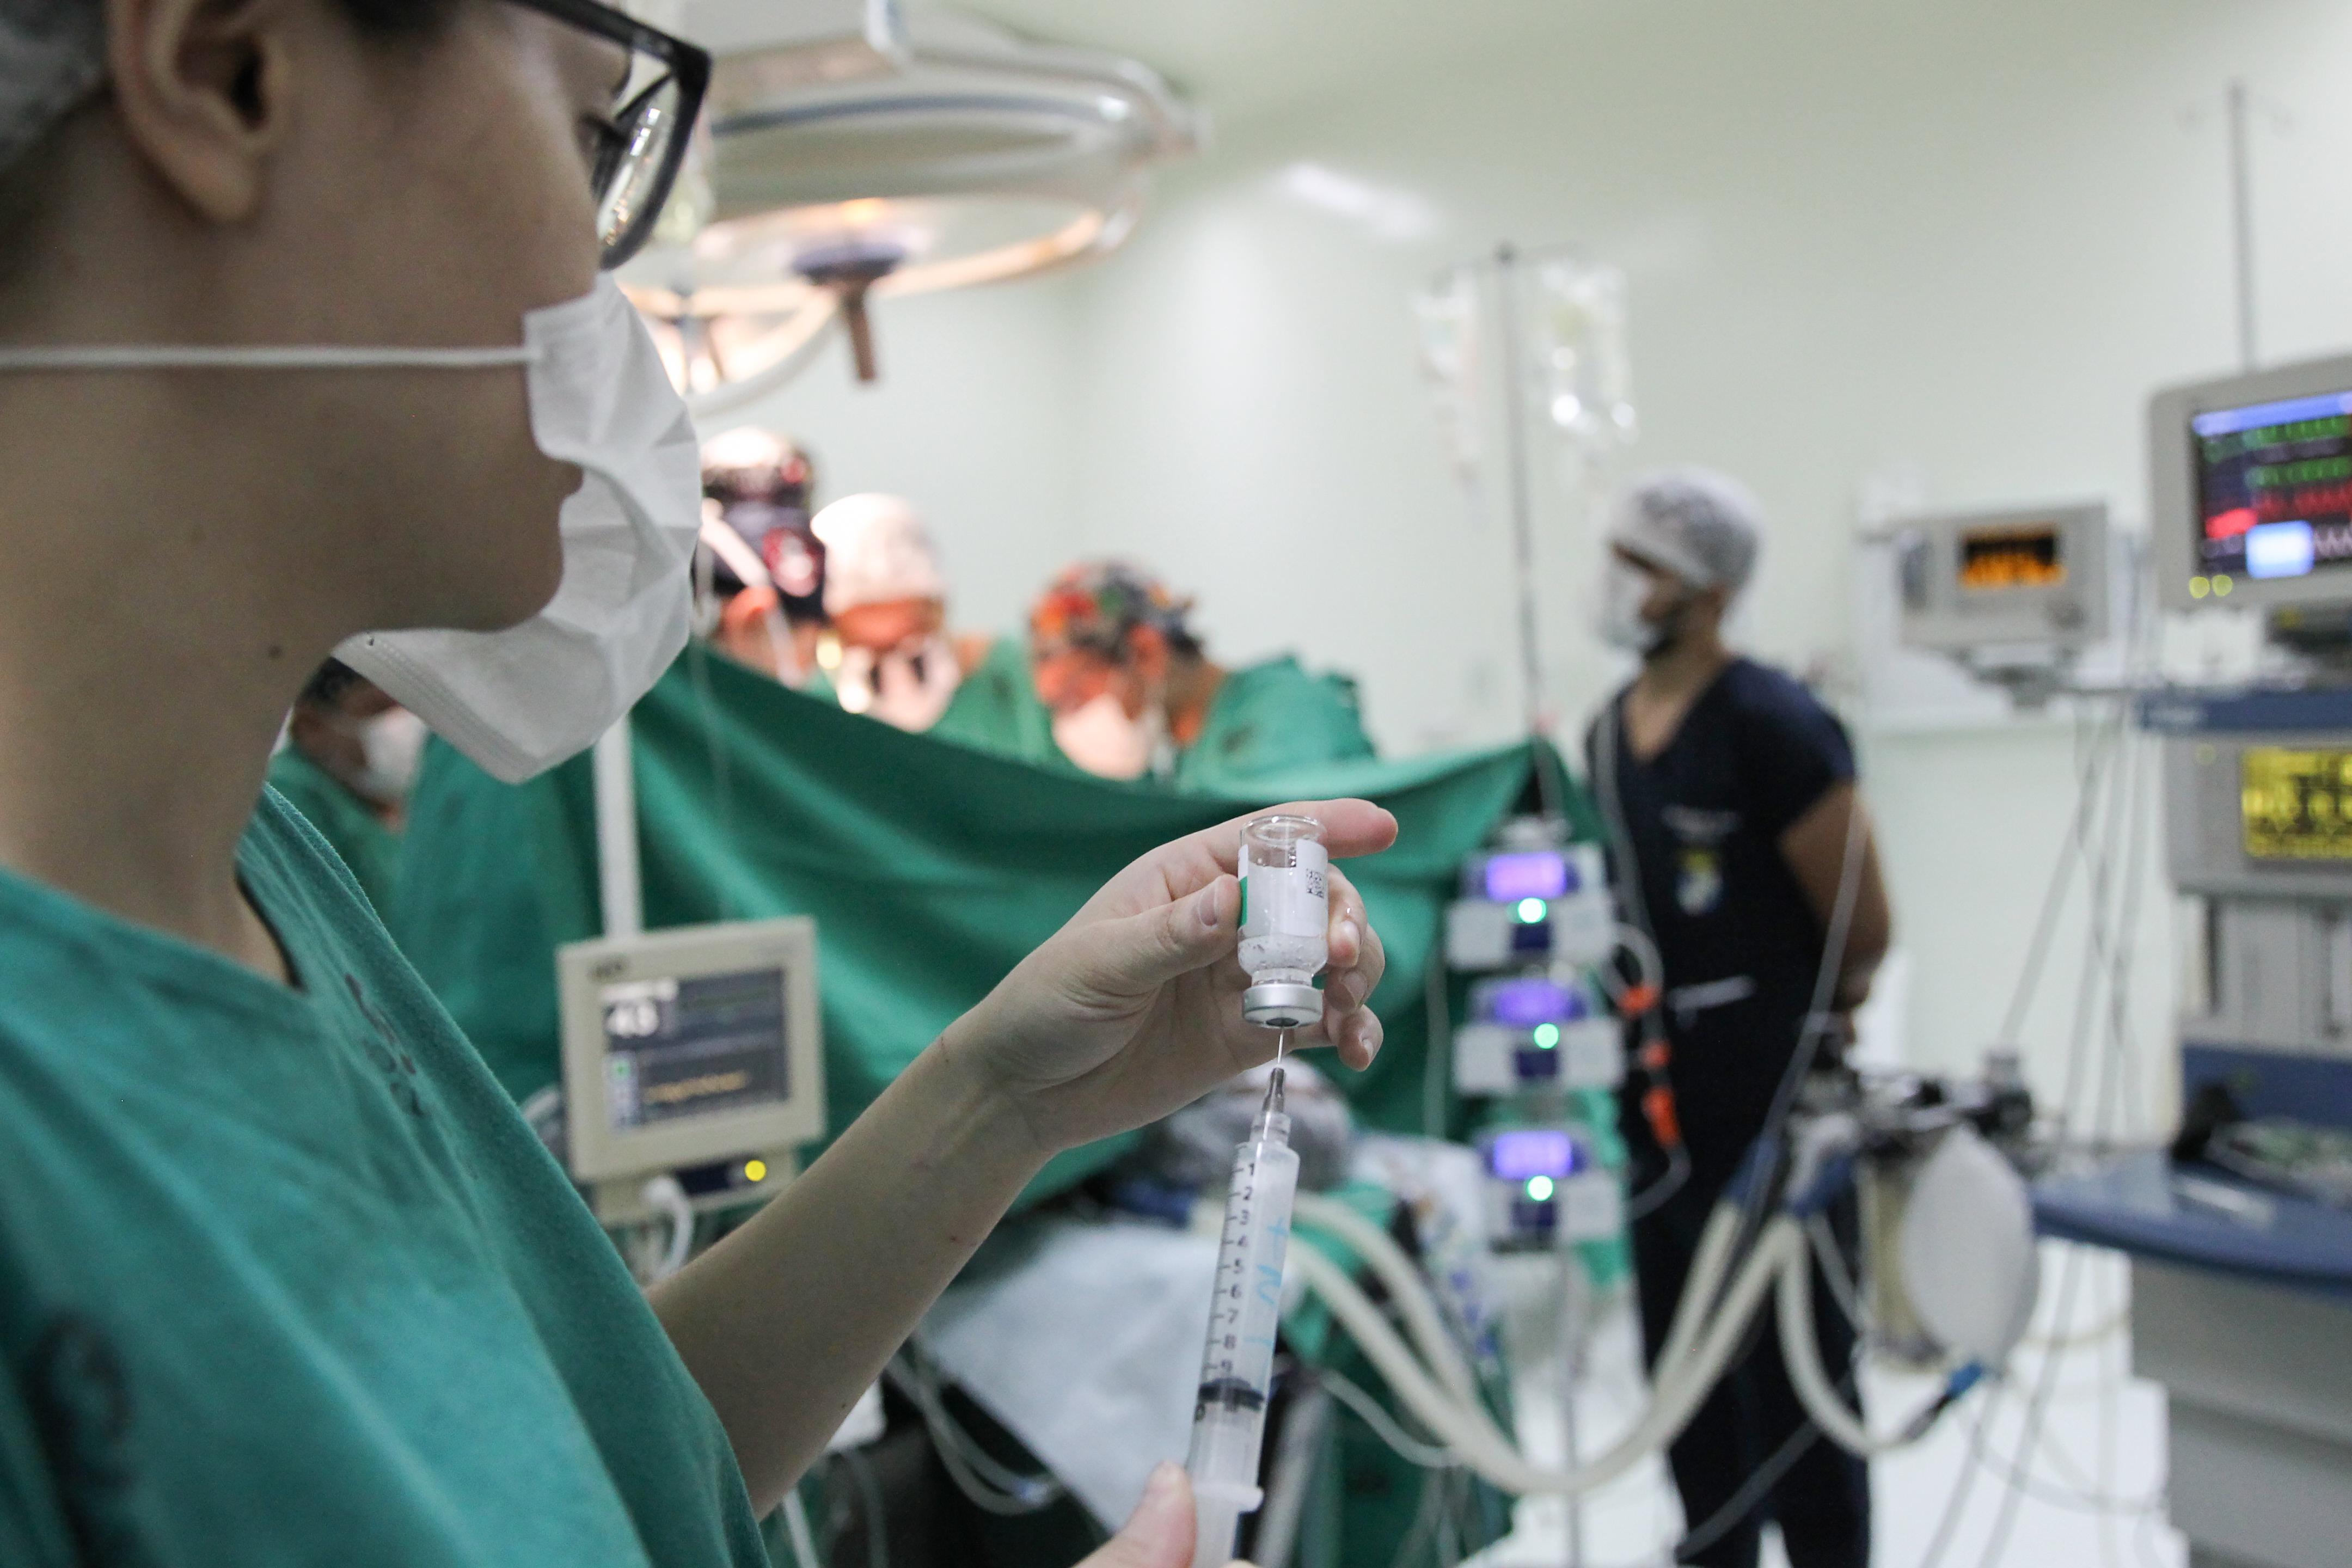 Com nova escala médica, centro cirúrgico do Pronto-Socorro de Rio Branco acelera atendimento